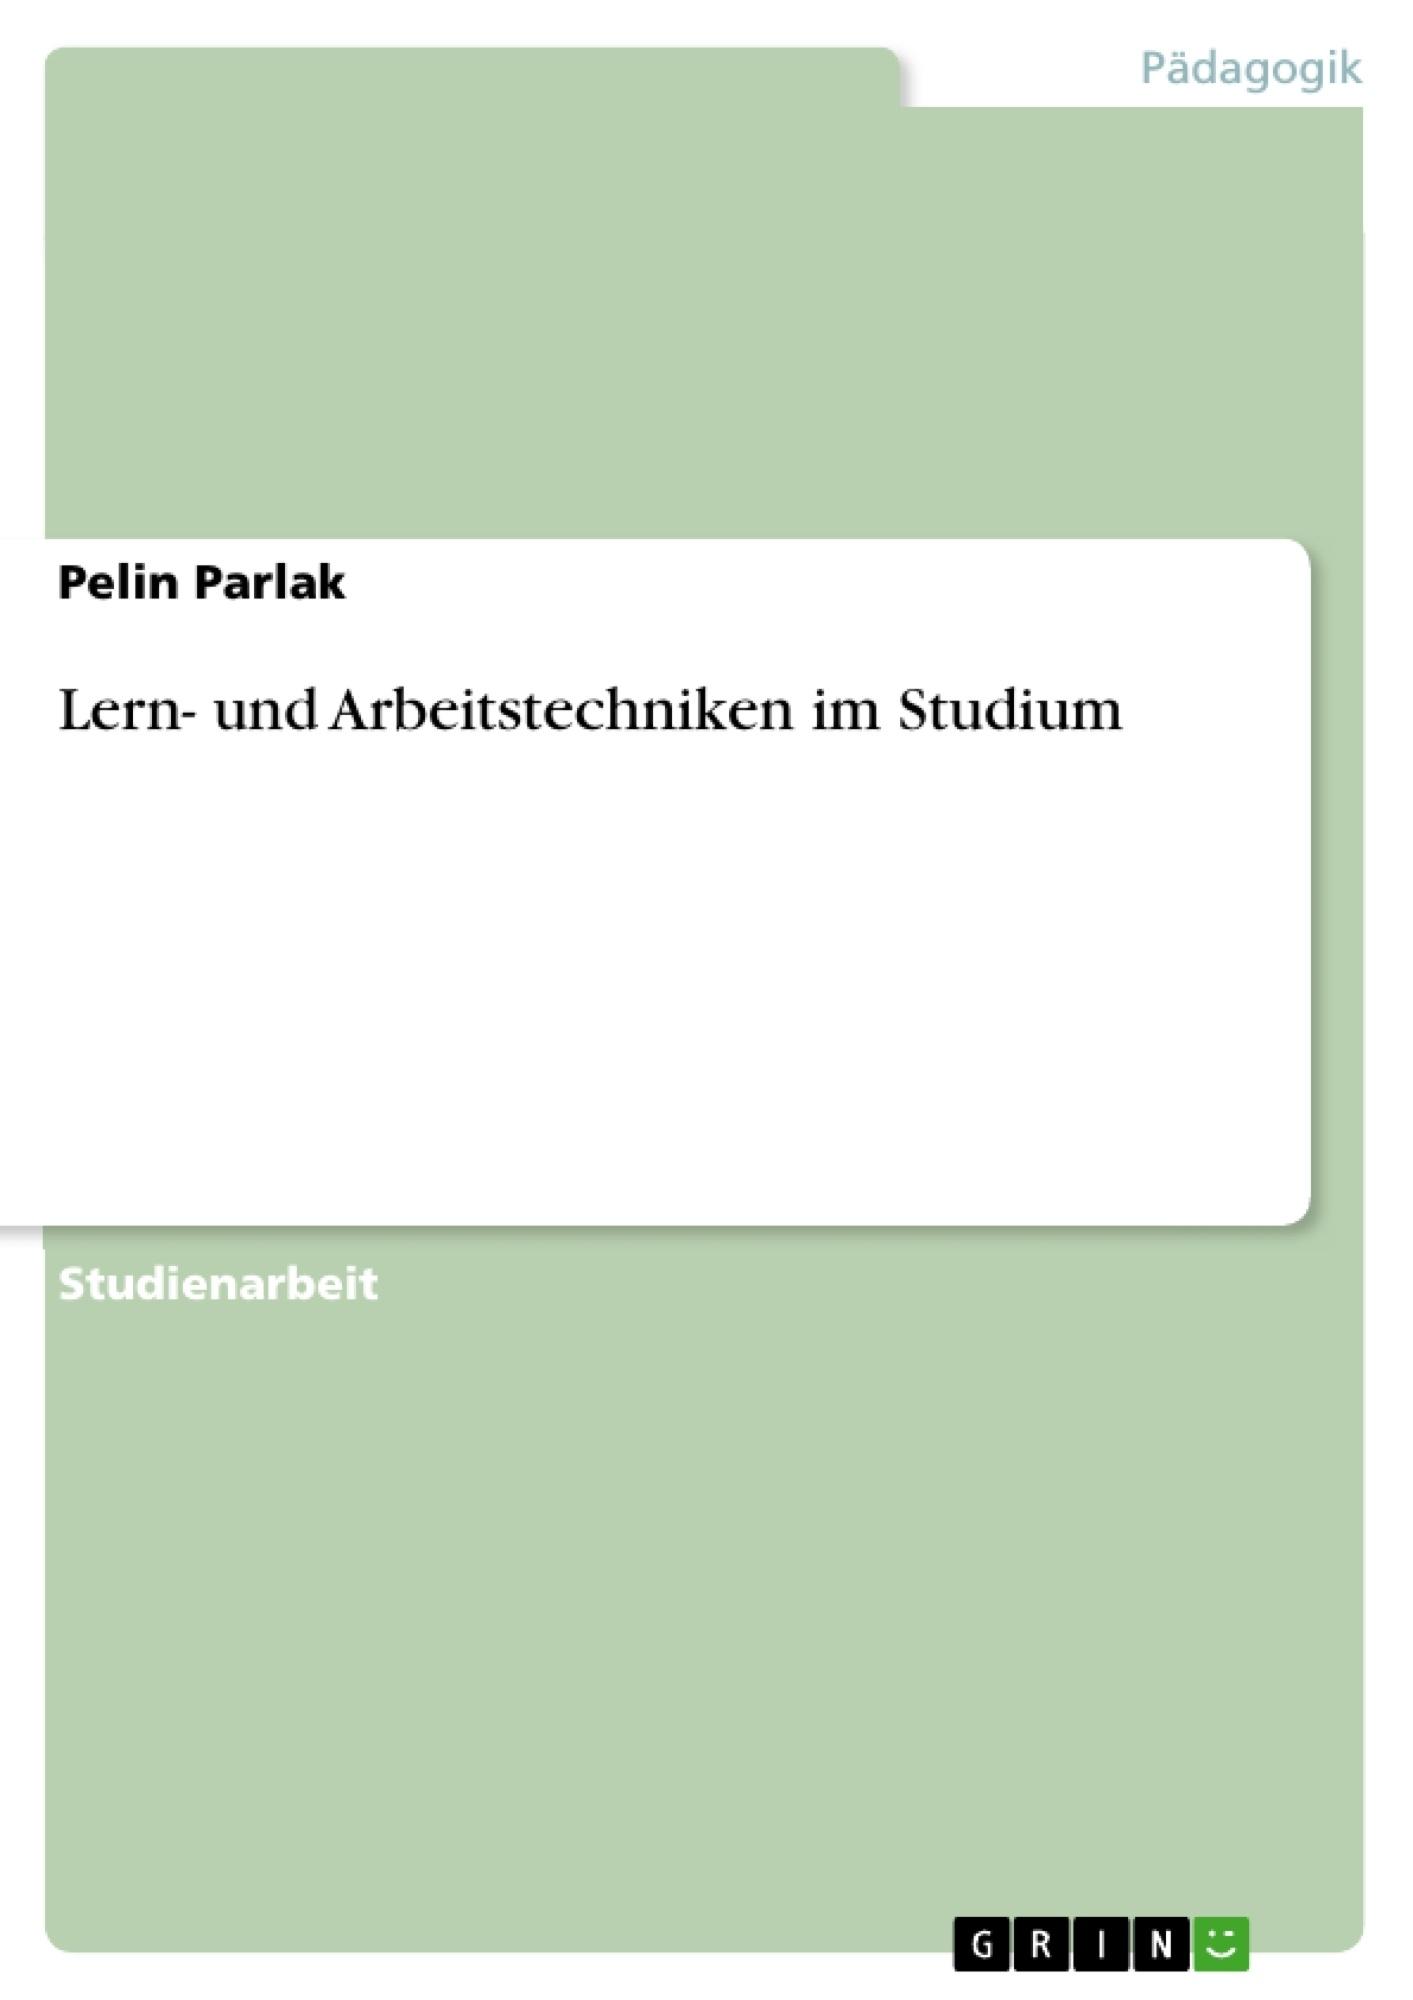 Titel: Lern- und Arbeitstechniken im Studium